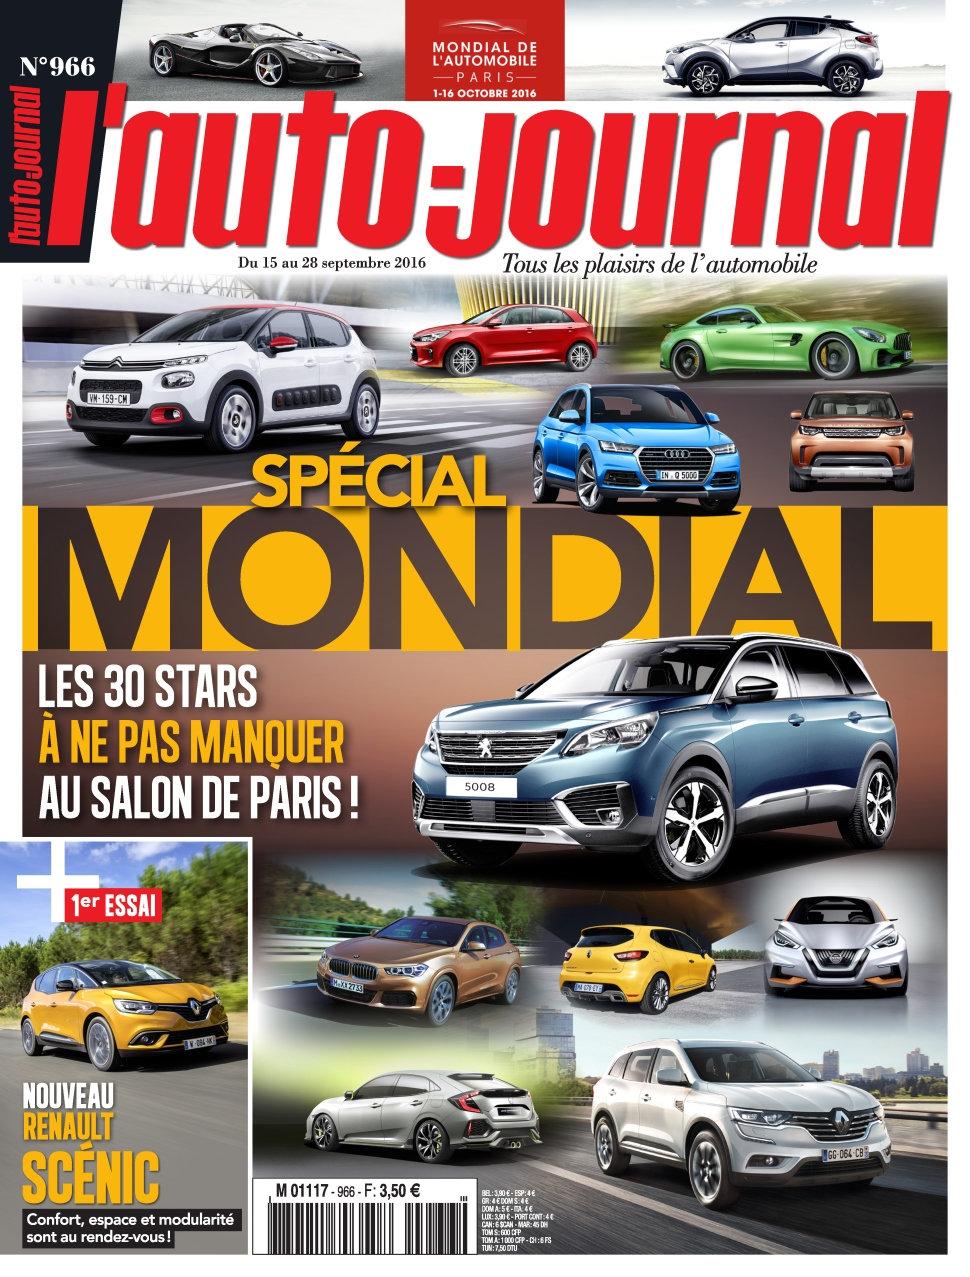 L'Auto-Journal N°966 - 15 au 28 Septembre 2016